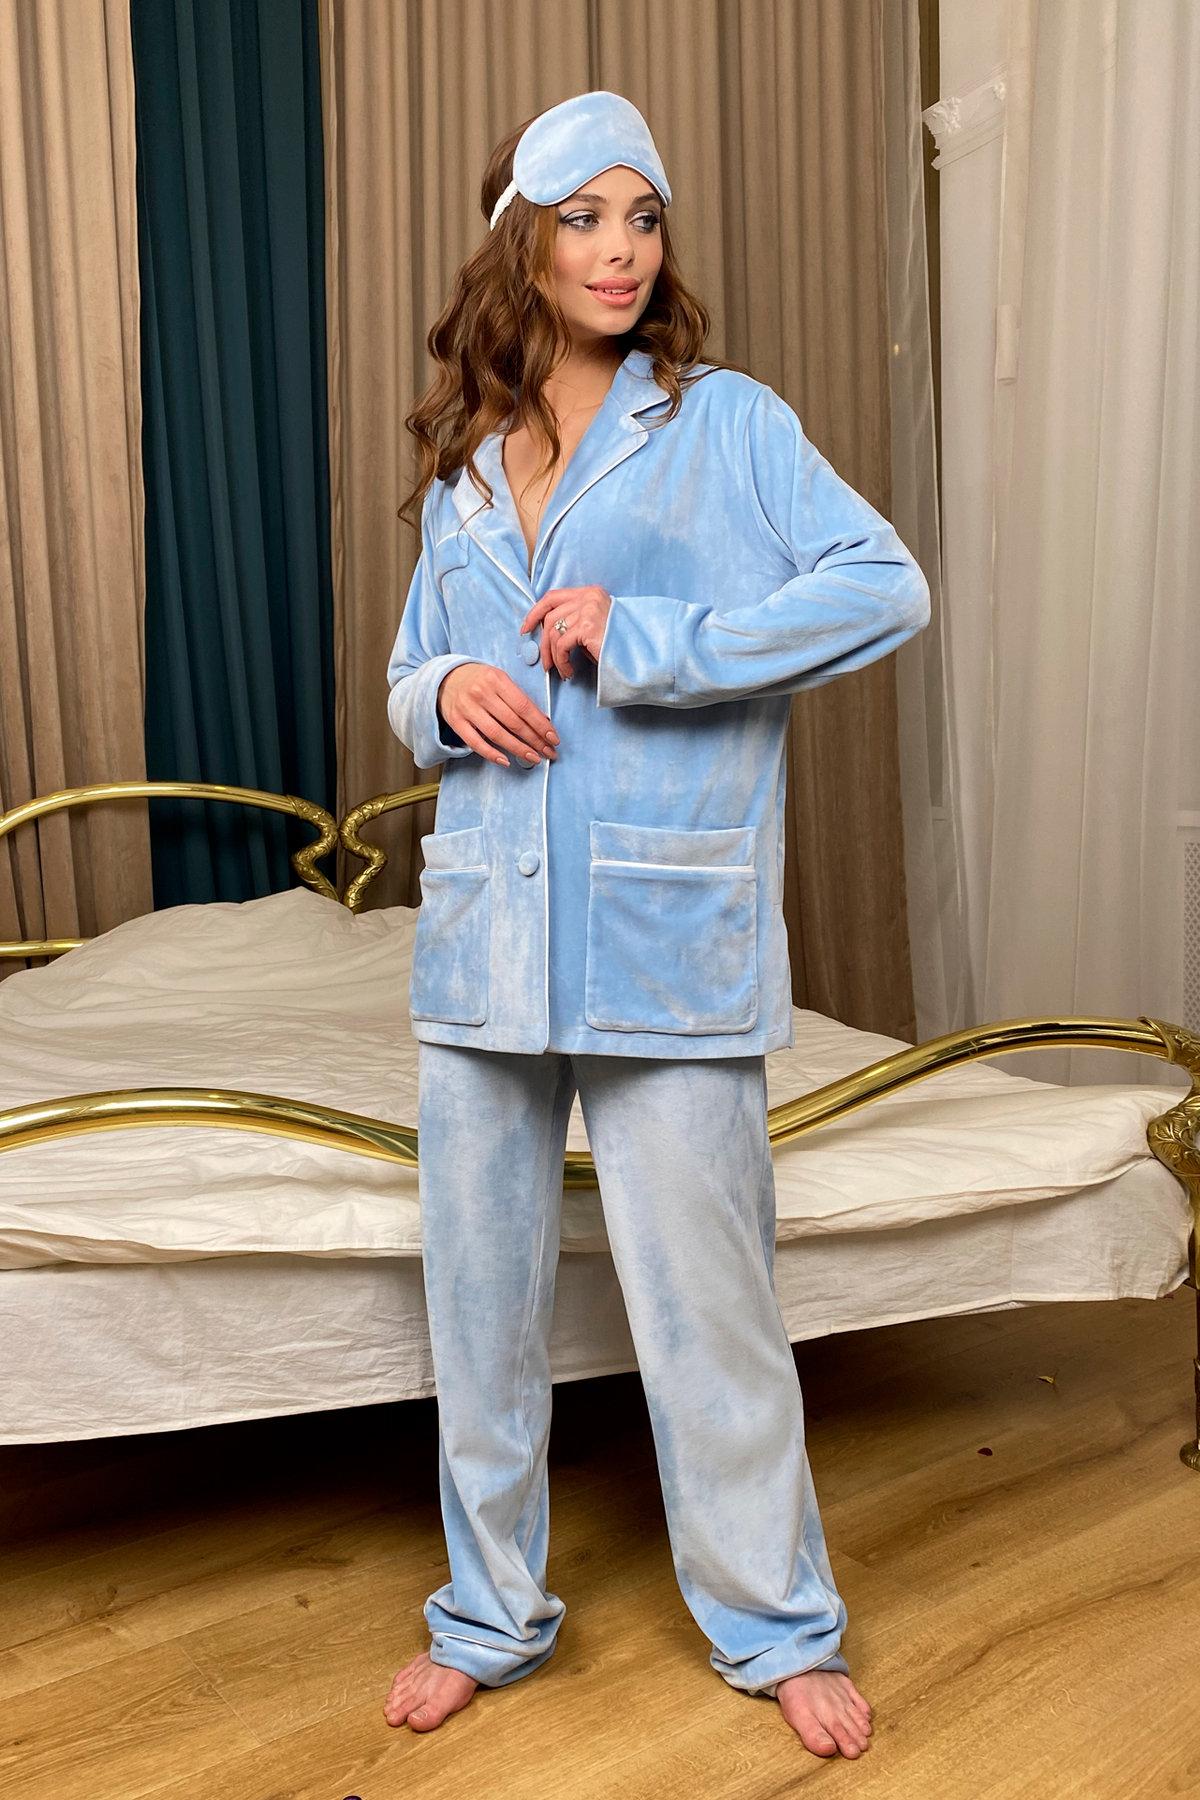 Шайн пижама велюр жакет брюки маска для сна 10353 АРТ. 46717 Цвет: Голубой - фото 3, интернет магазин tm-modus.ru